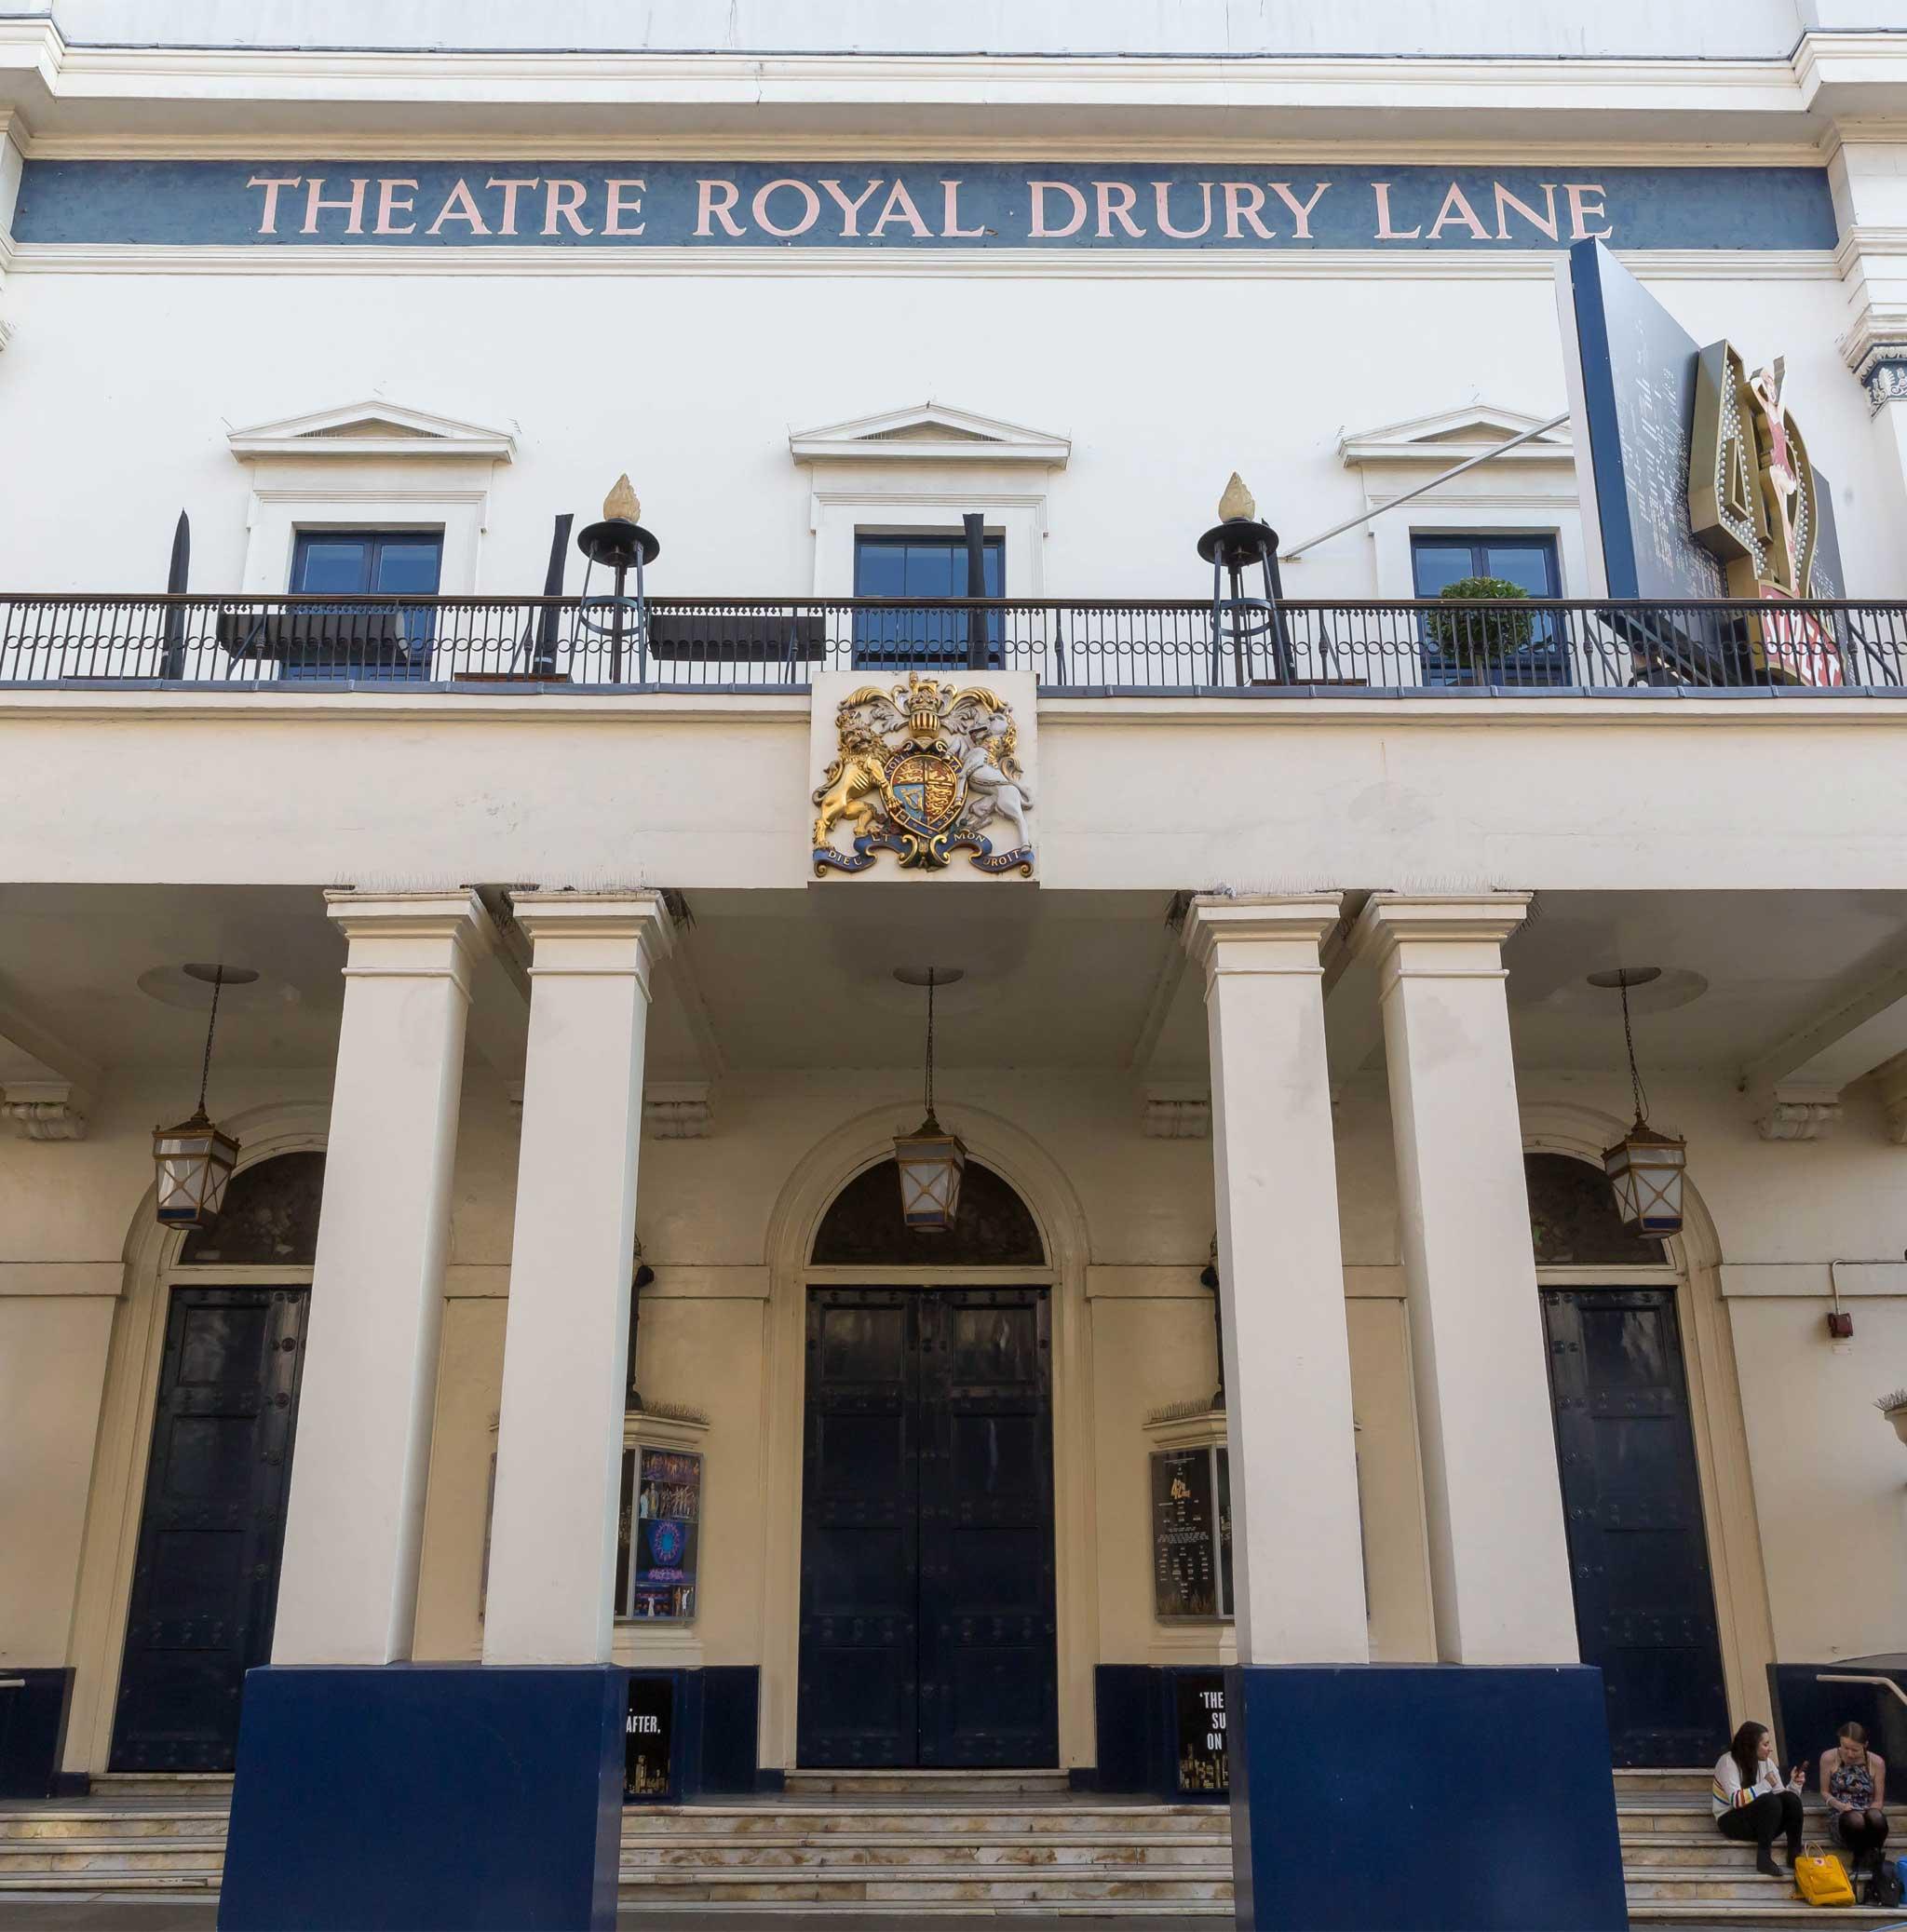 Theatre Royal Drury Lane on London audio tour Theatreland Tour with Ian McKellen